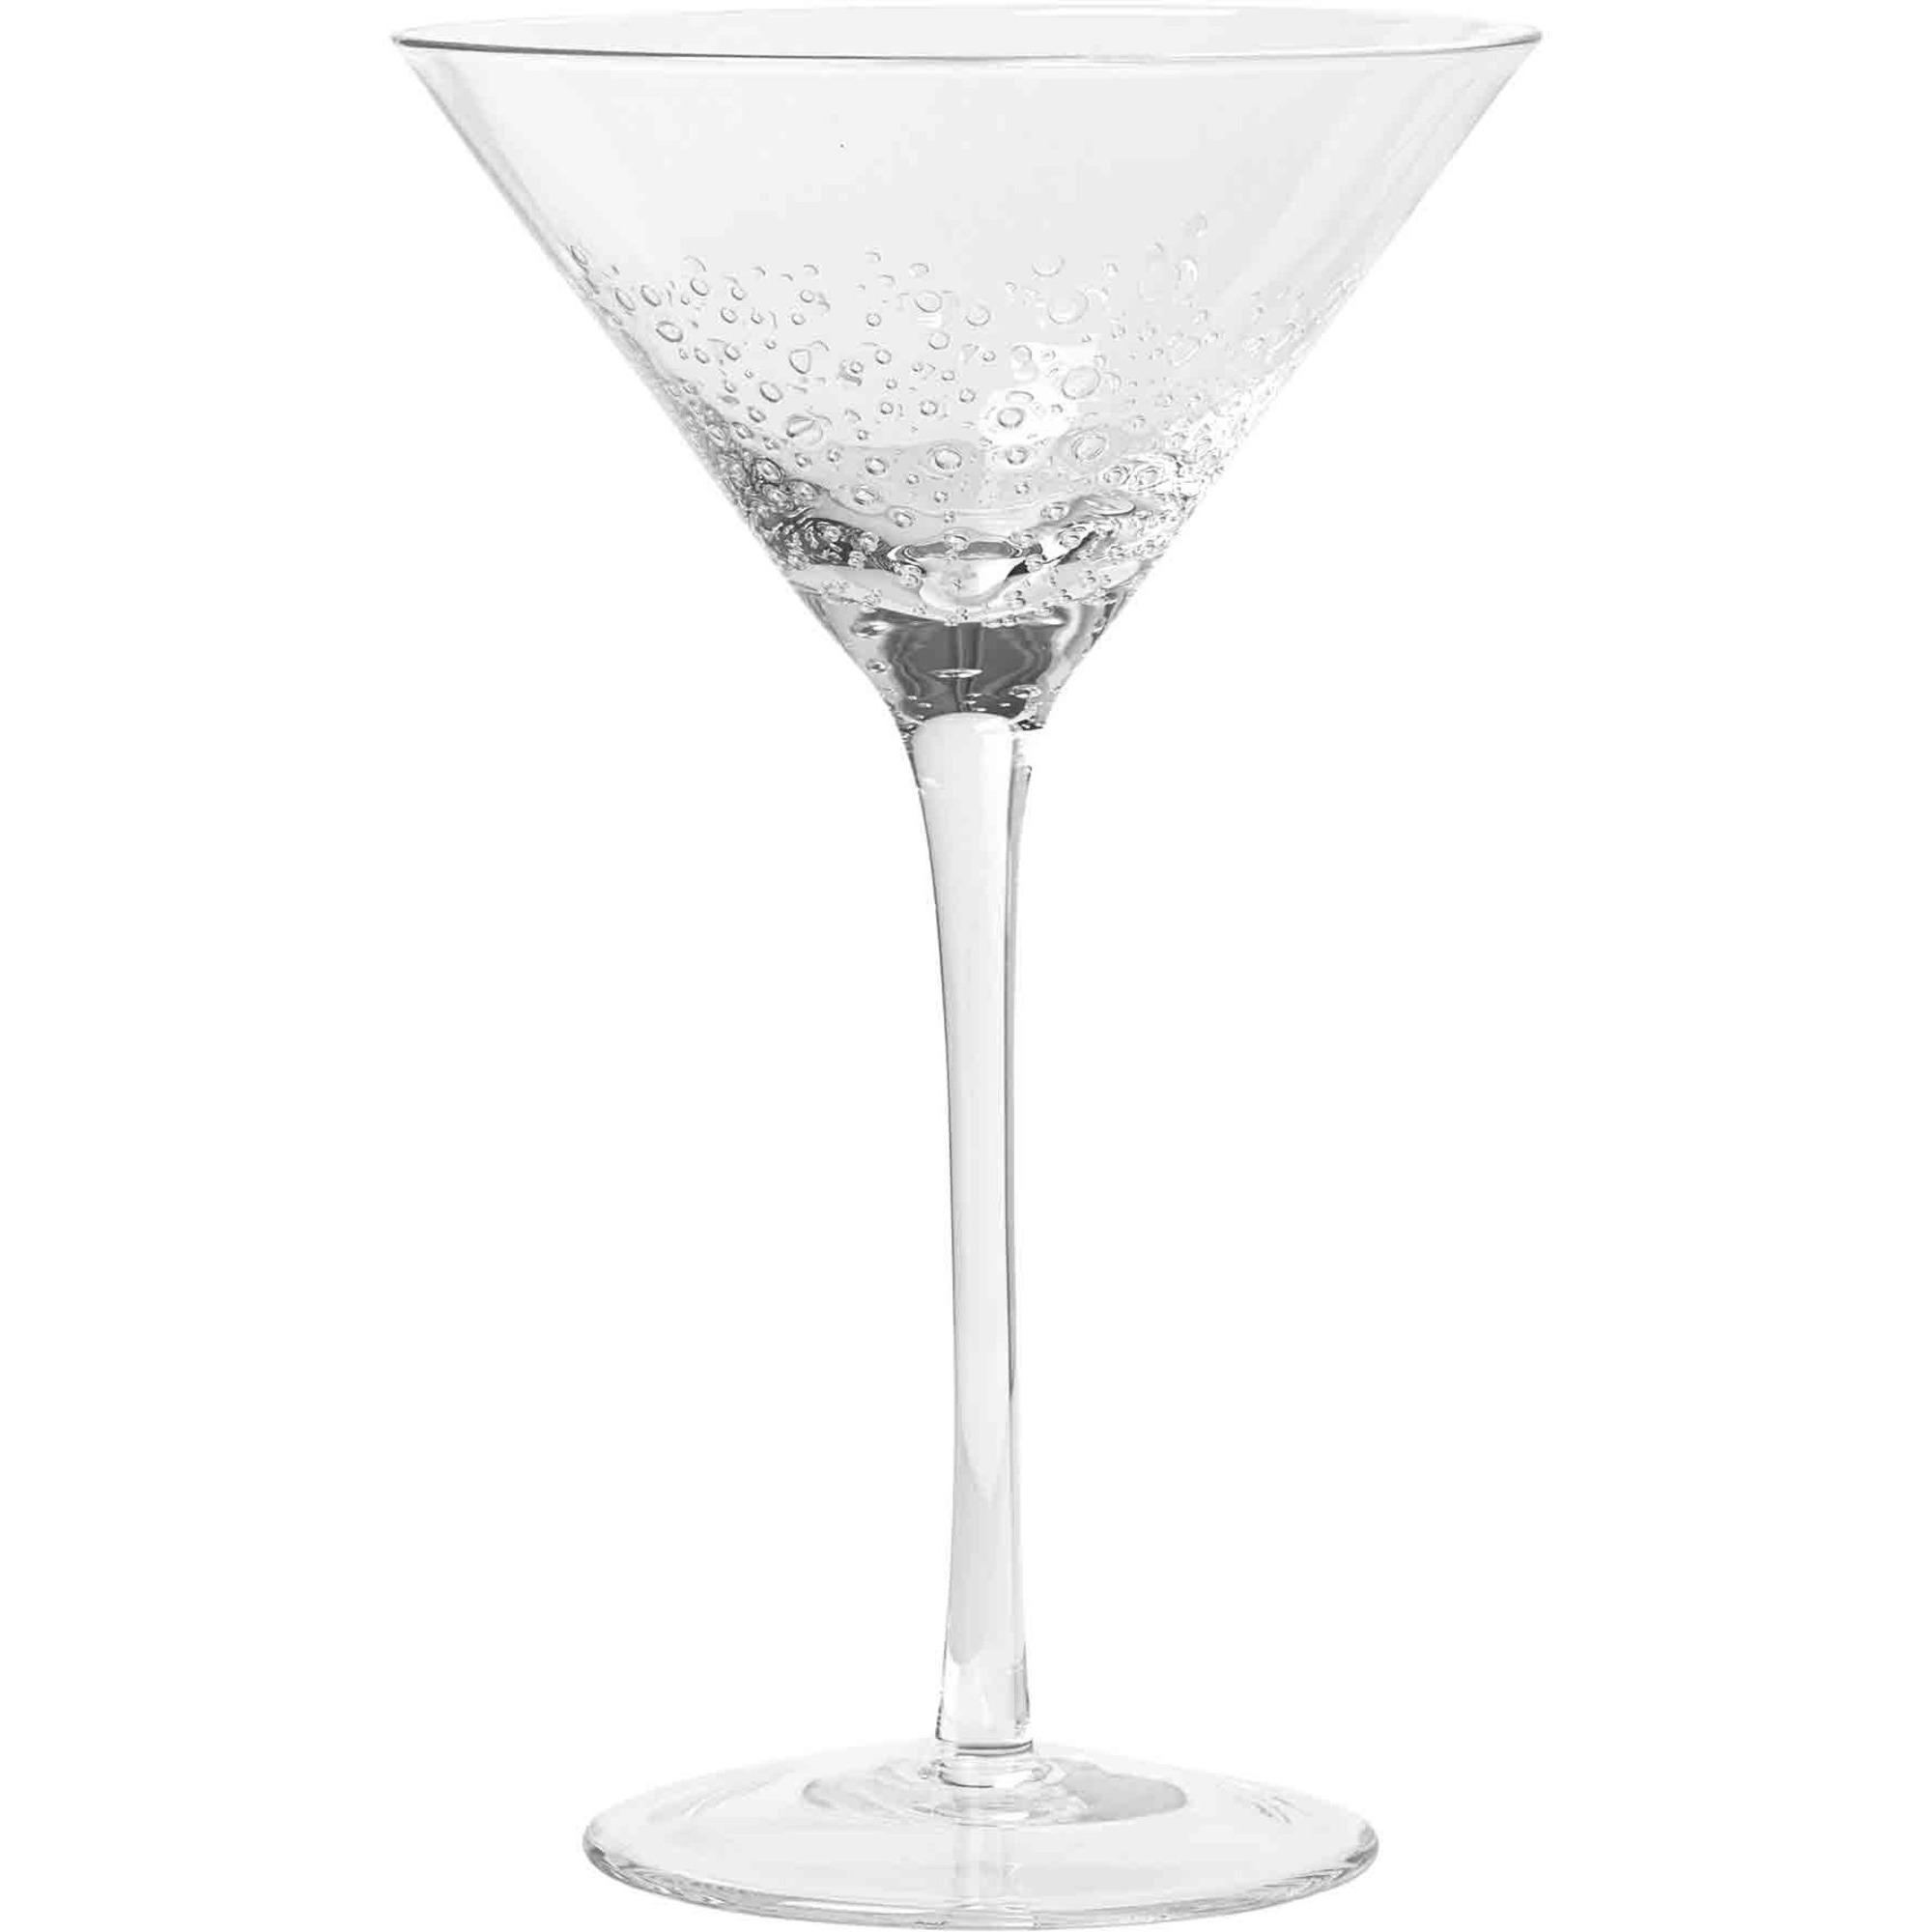 Broste Copenhagen 'Bubble' Munblåst Martiniglas